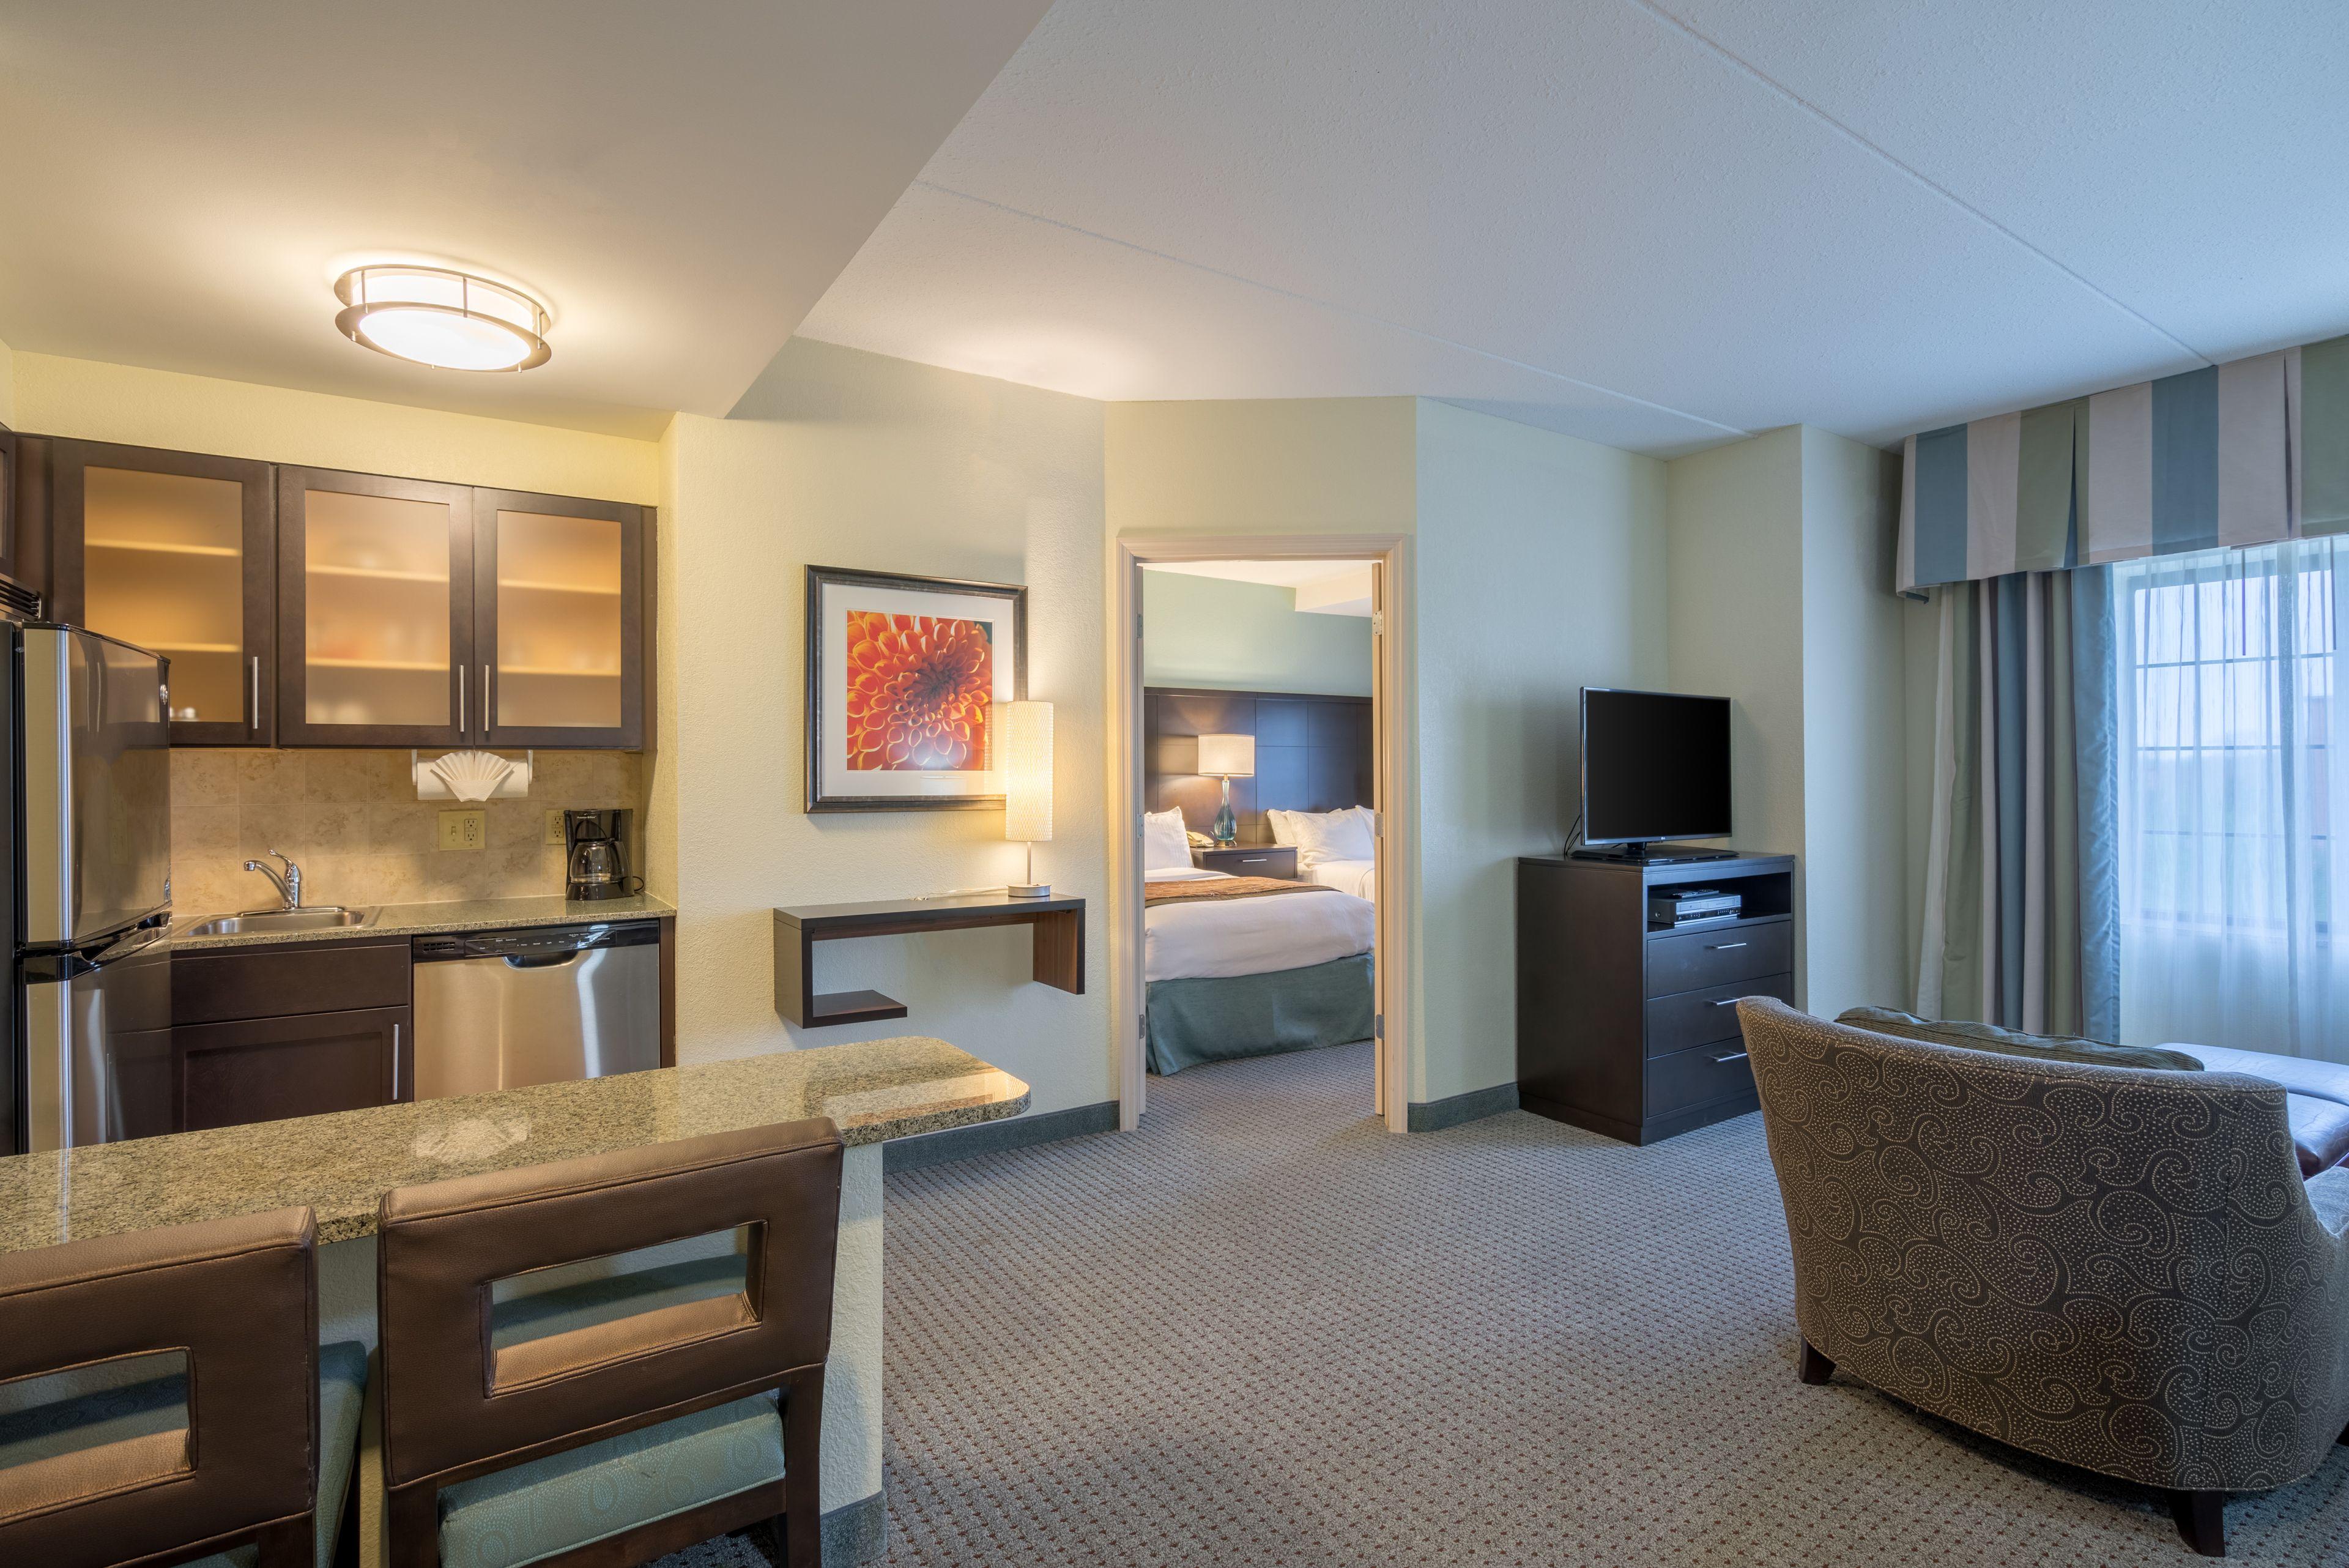 staybridge-suites-glen-mills-5120835242-original.jpg